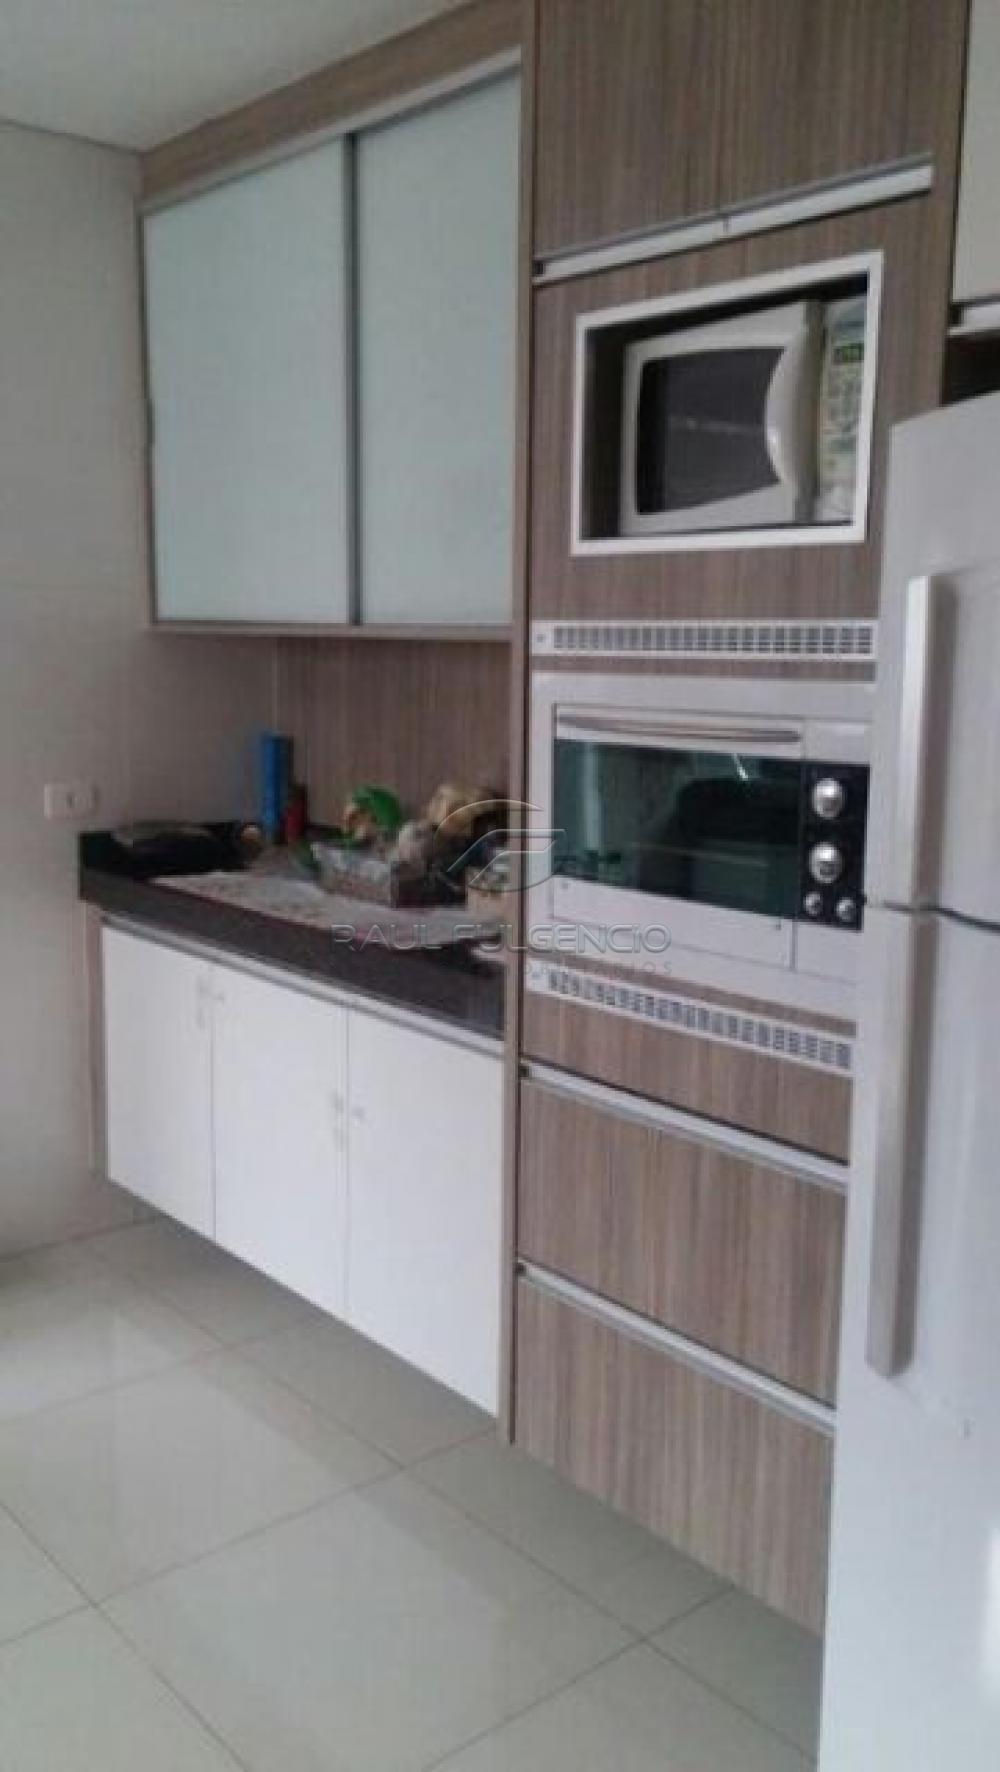 Comprar Casa / Condomínio Térrea em Londrina apenas R$ 830.000,00 - Foto 21